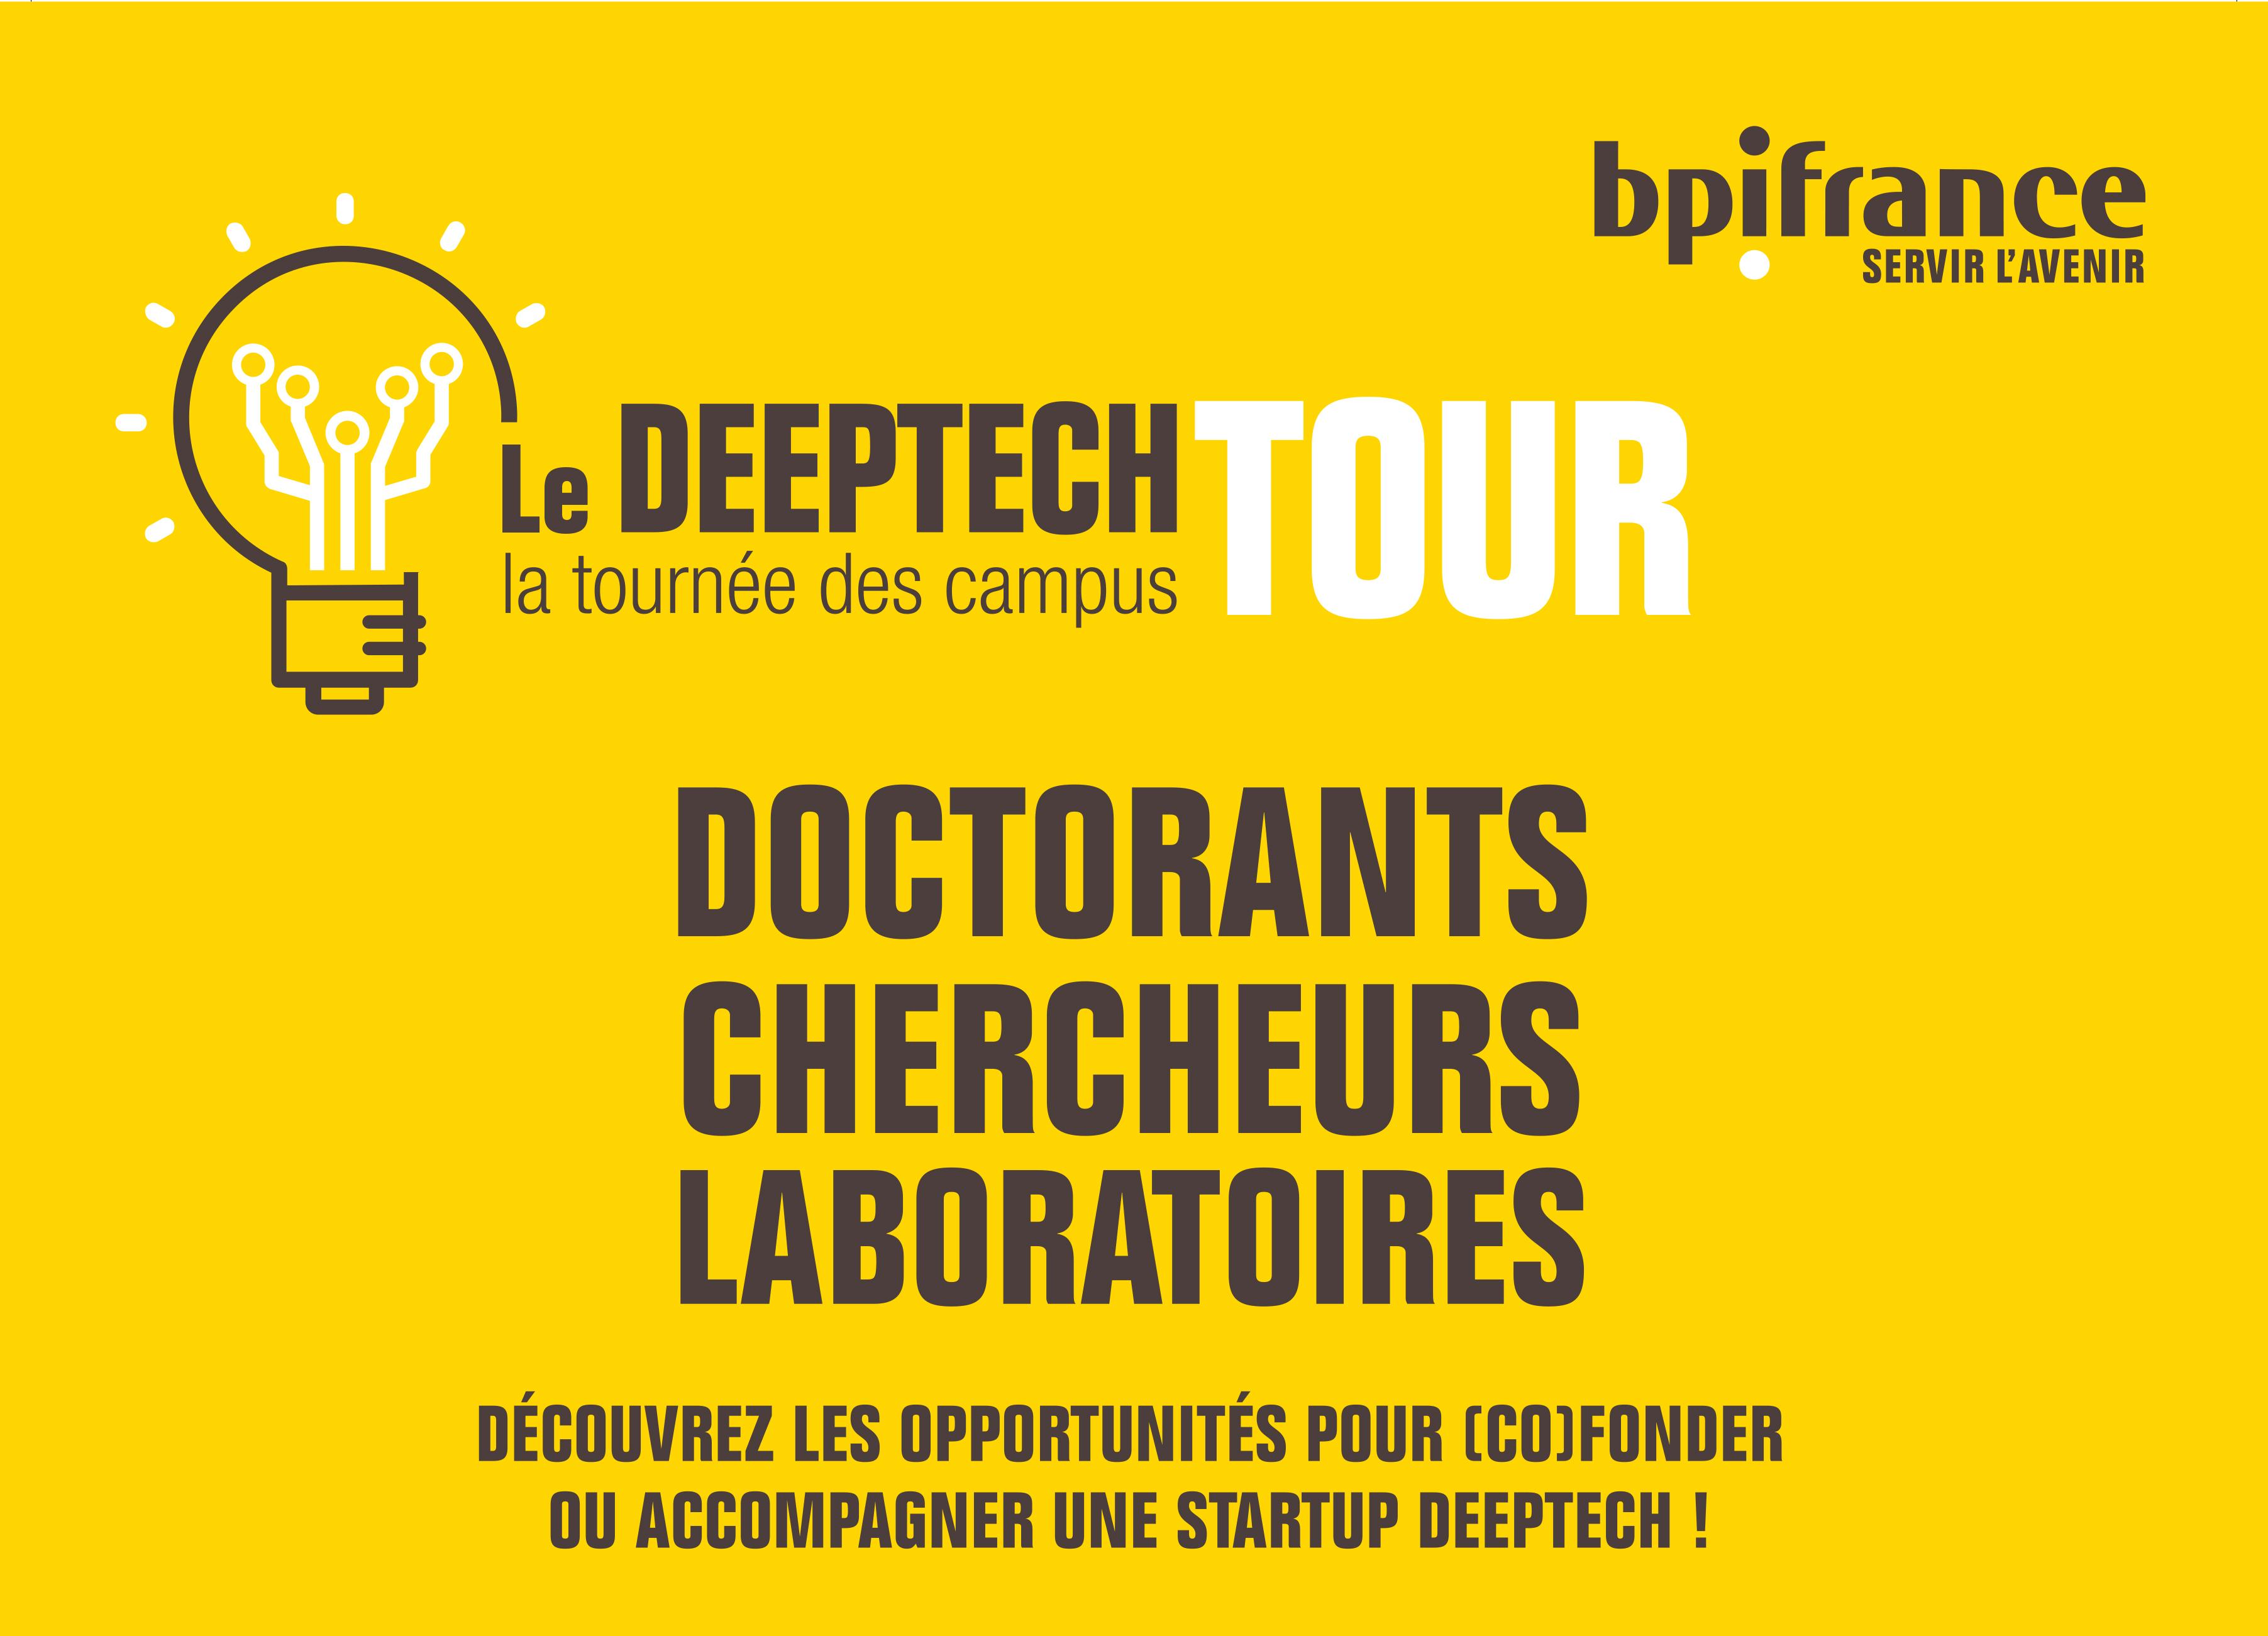 Bpifrance Deeptech Grenoble Doctorants Chercheurs Laboratoires